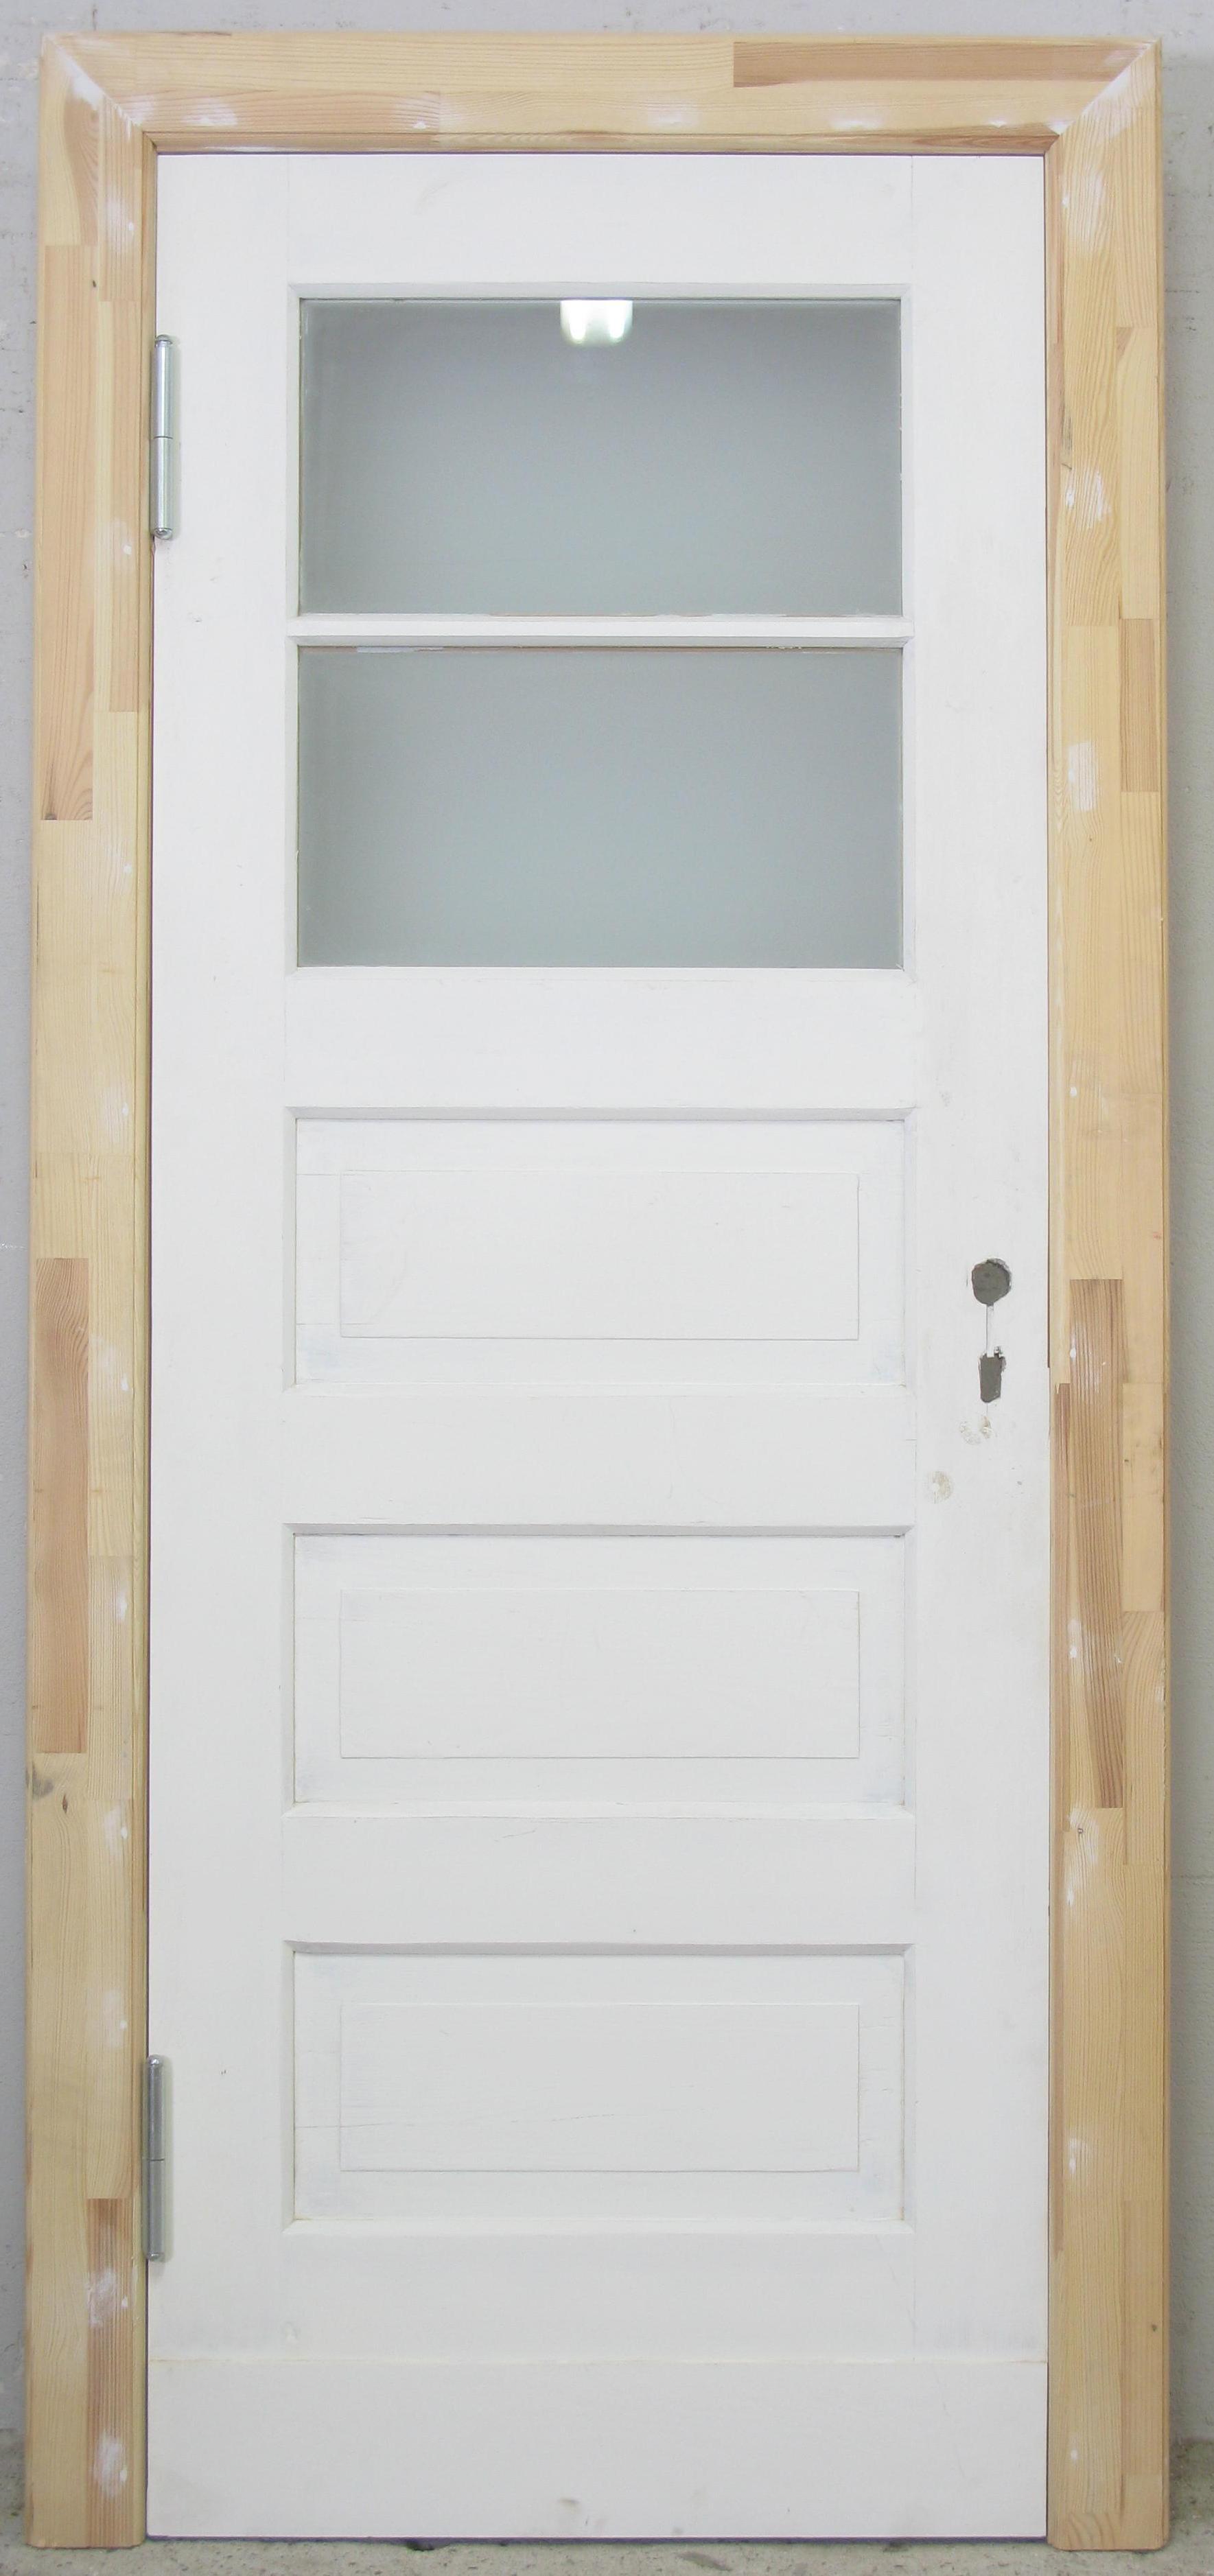 zimmert r bauhaus mit t rfutter historische bauelemente jetzt online bestellen. Black Bedroom Furniture Sets. Home Design Ideas